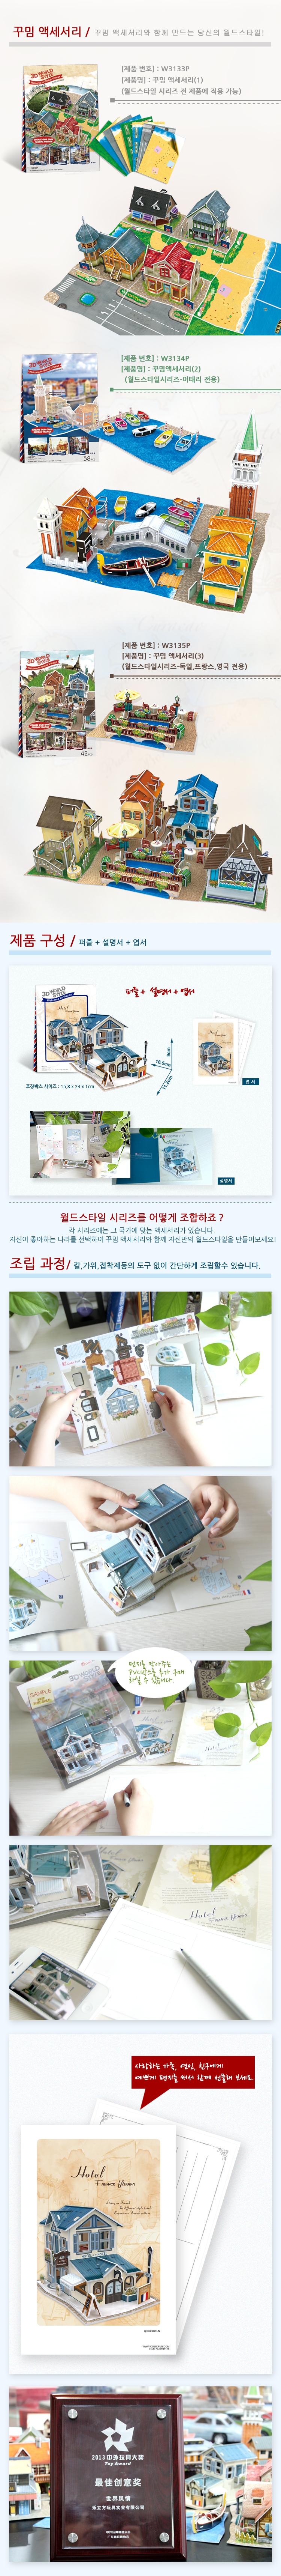 큐빅펀 3D월드스타일 동남아 4개국 - 큐빅펀, 5,100원, 조각/퍼즐, 3D입체퍼즐